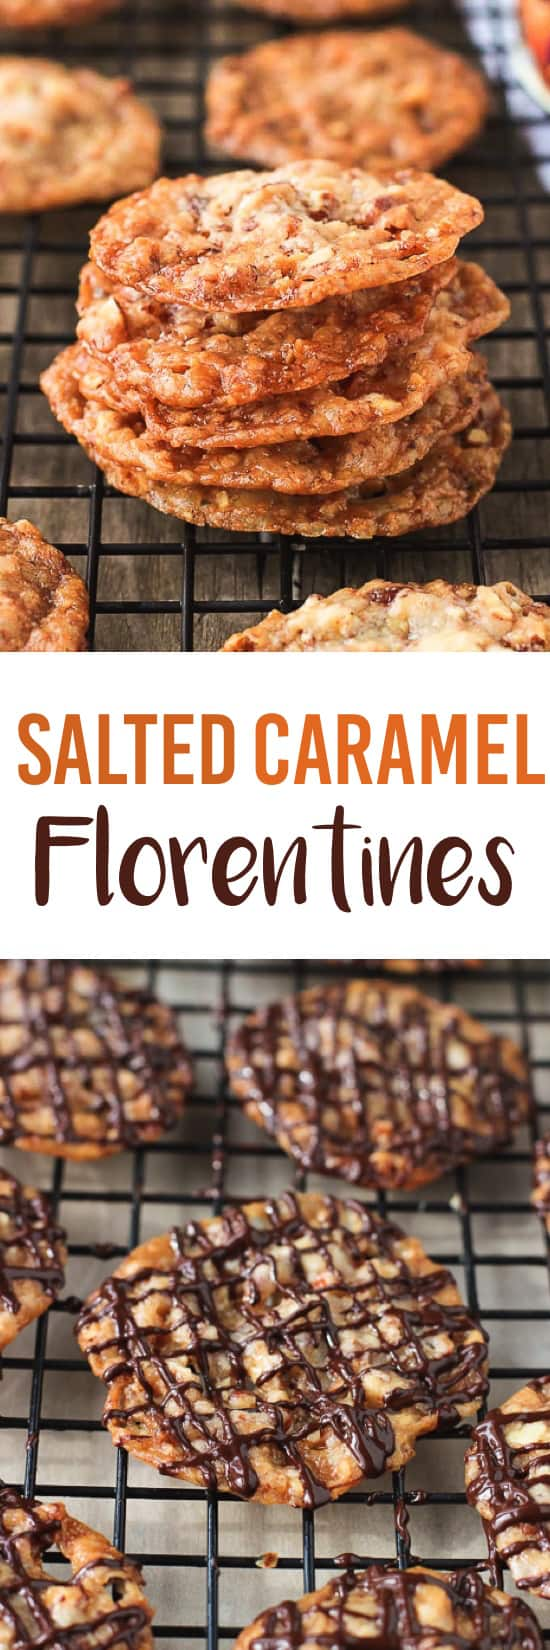 Salted Caramel Florentines | mysequinedlife.com